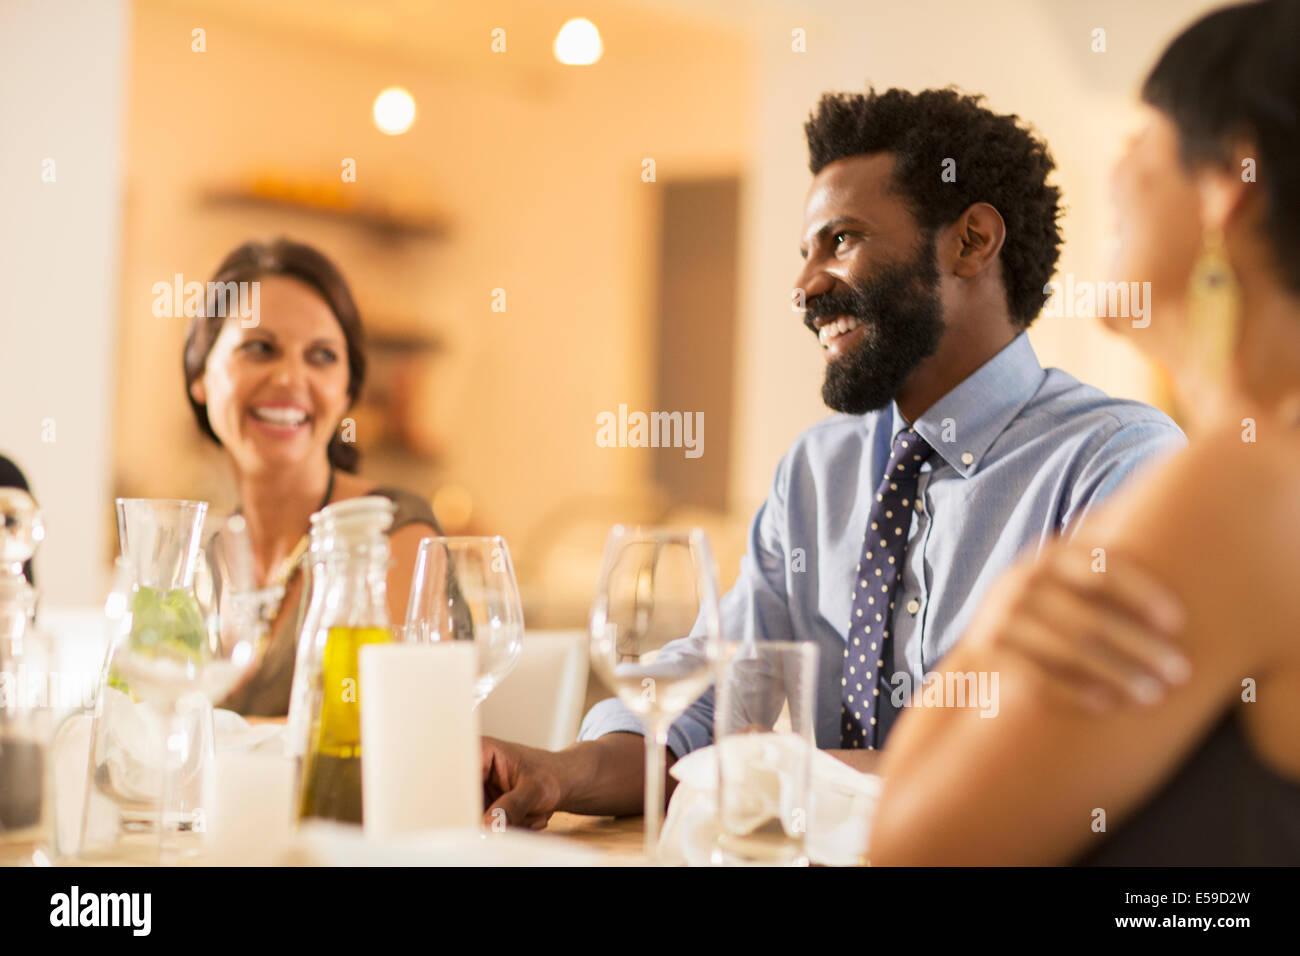 Gli amici di ridere a cena Immagini Stock